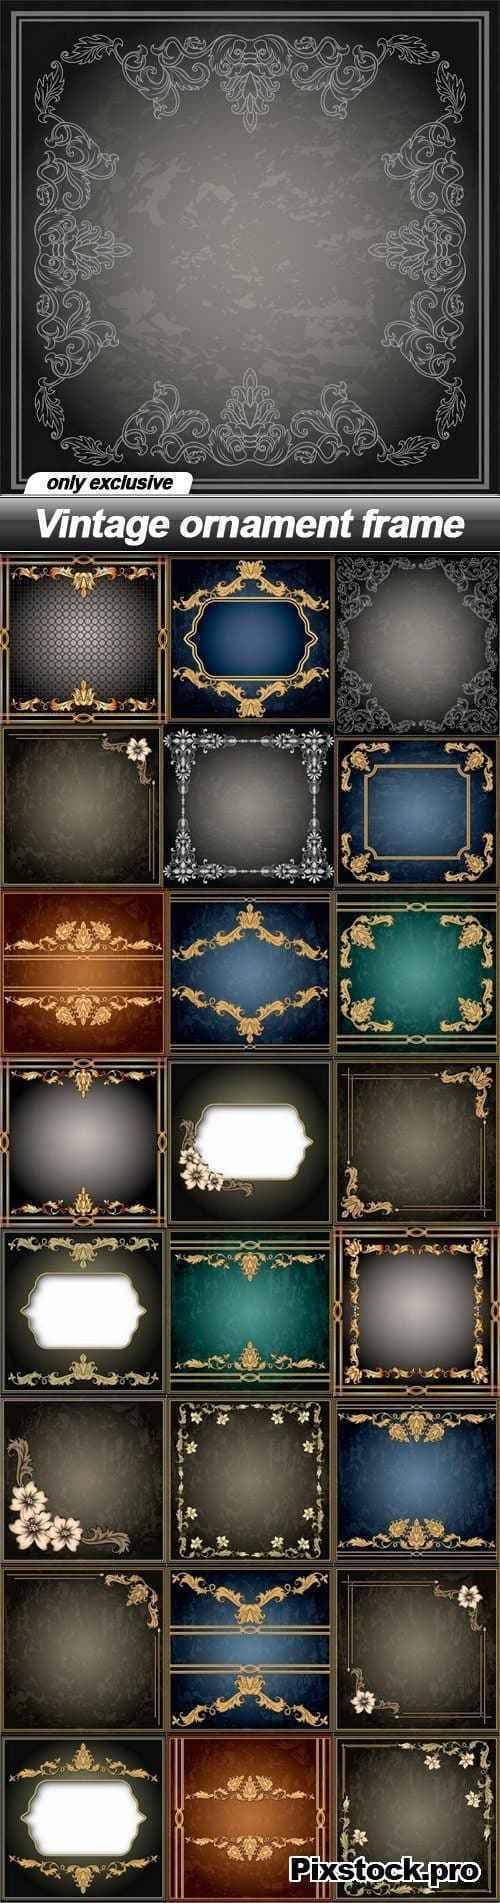 Vintage ornament frame – 25 EPS